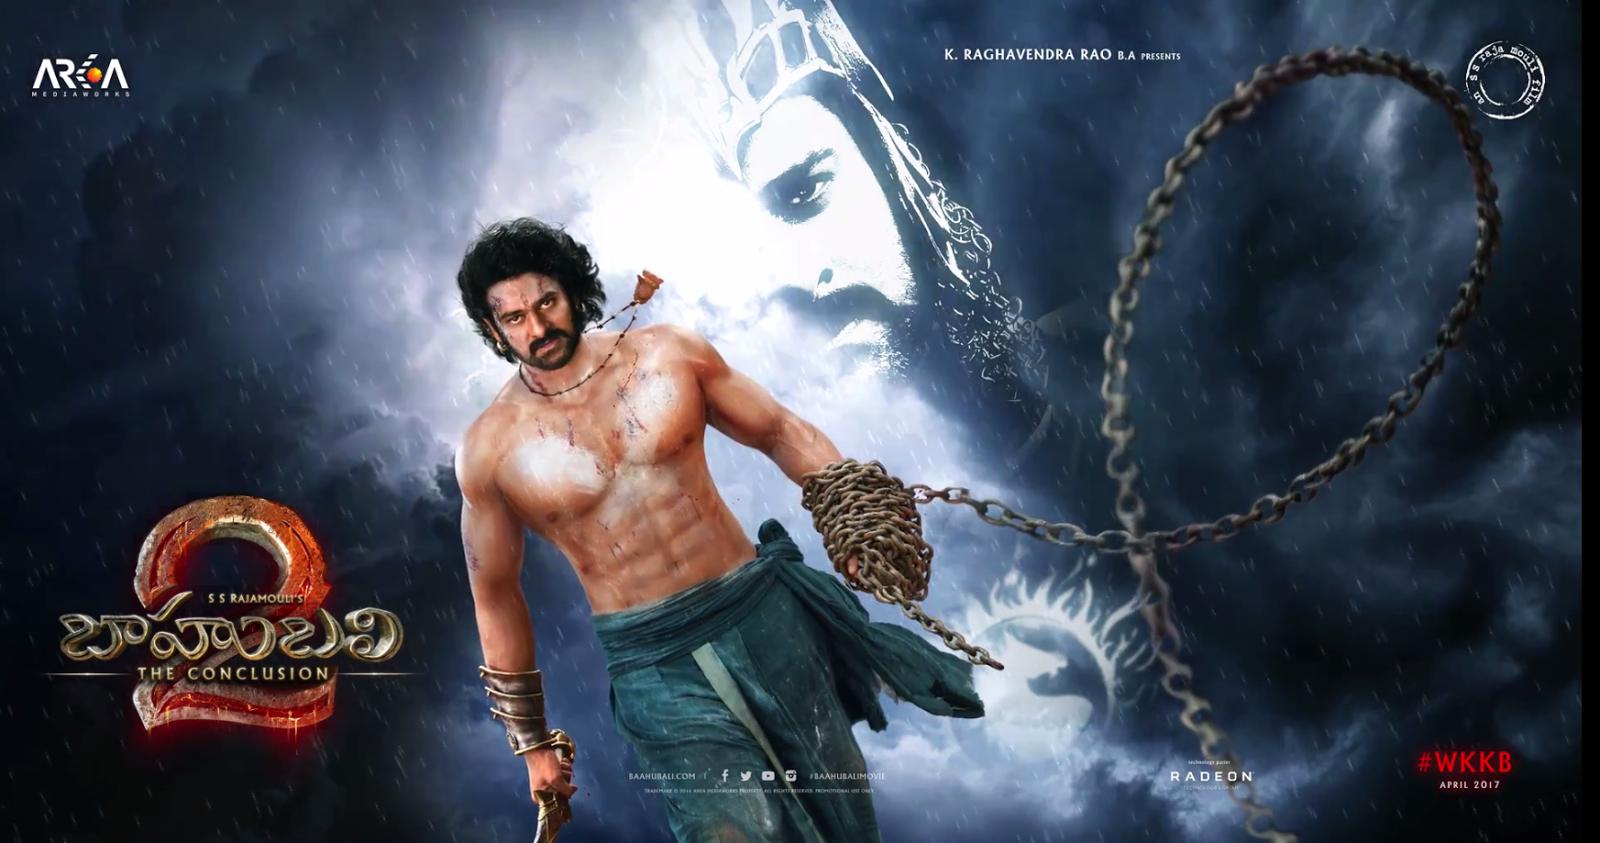 bahubali 2 download